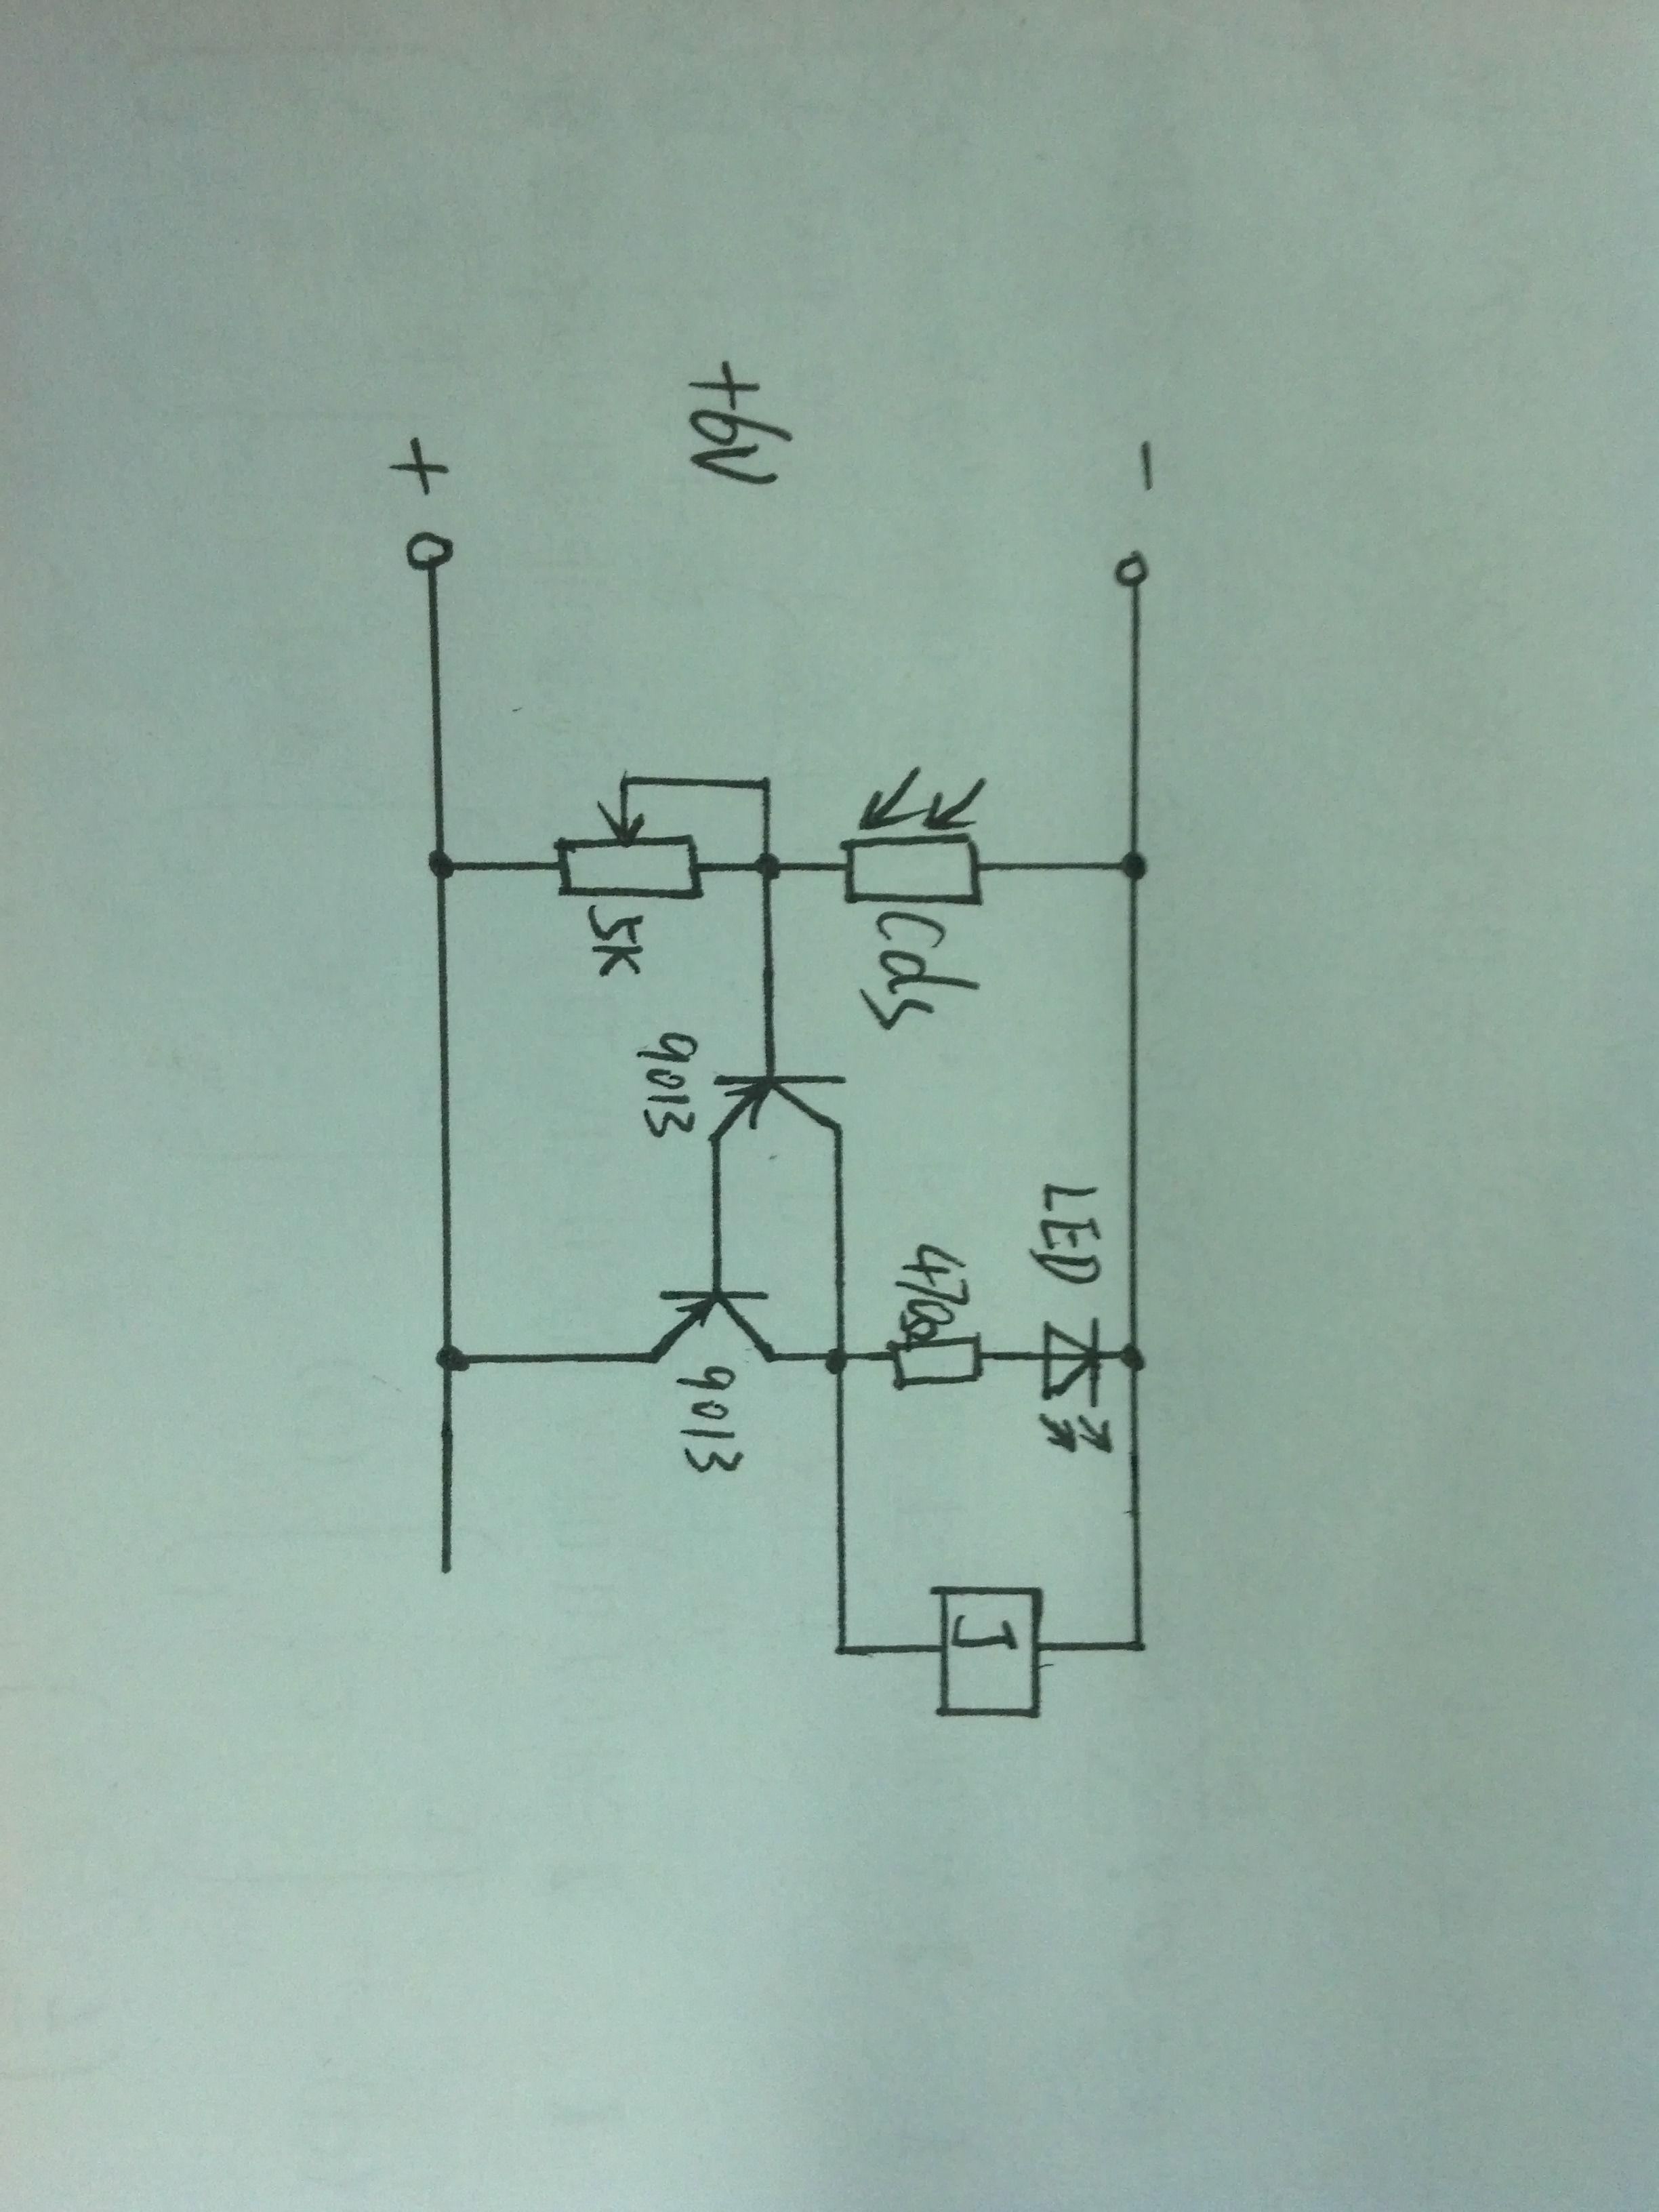 简易光控开关的电路接入继电器后无法工作?